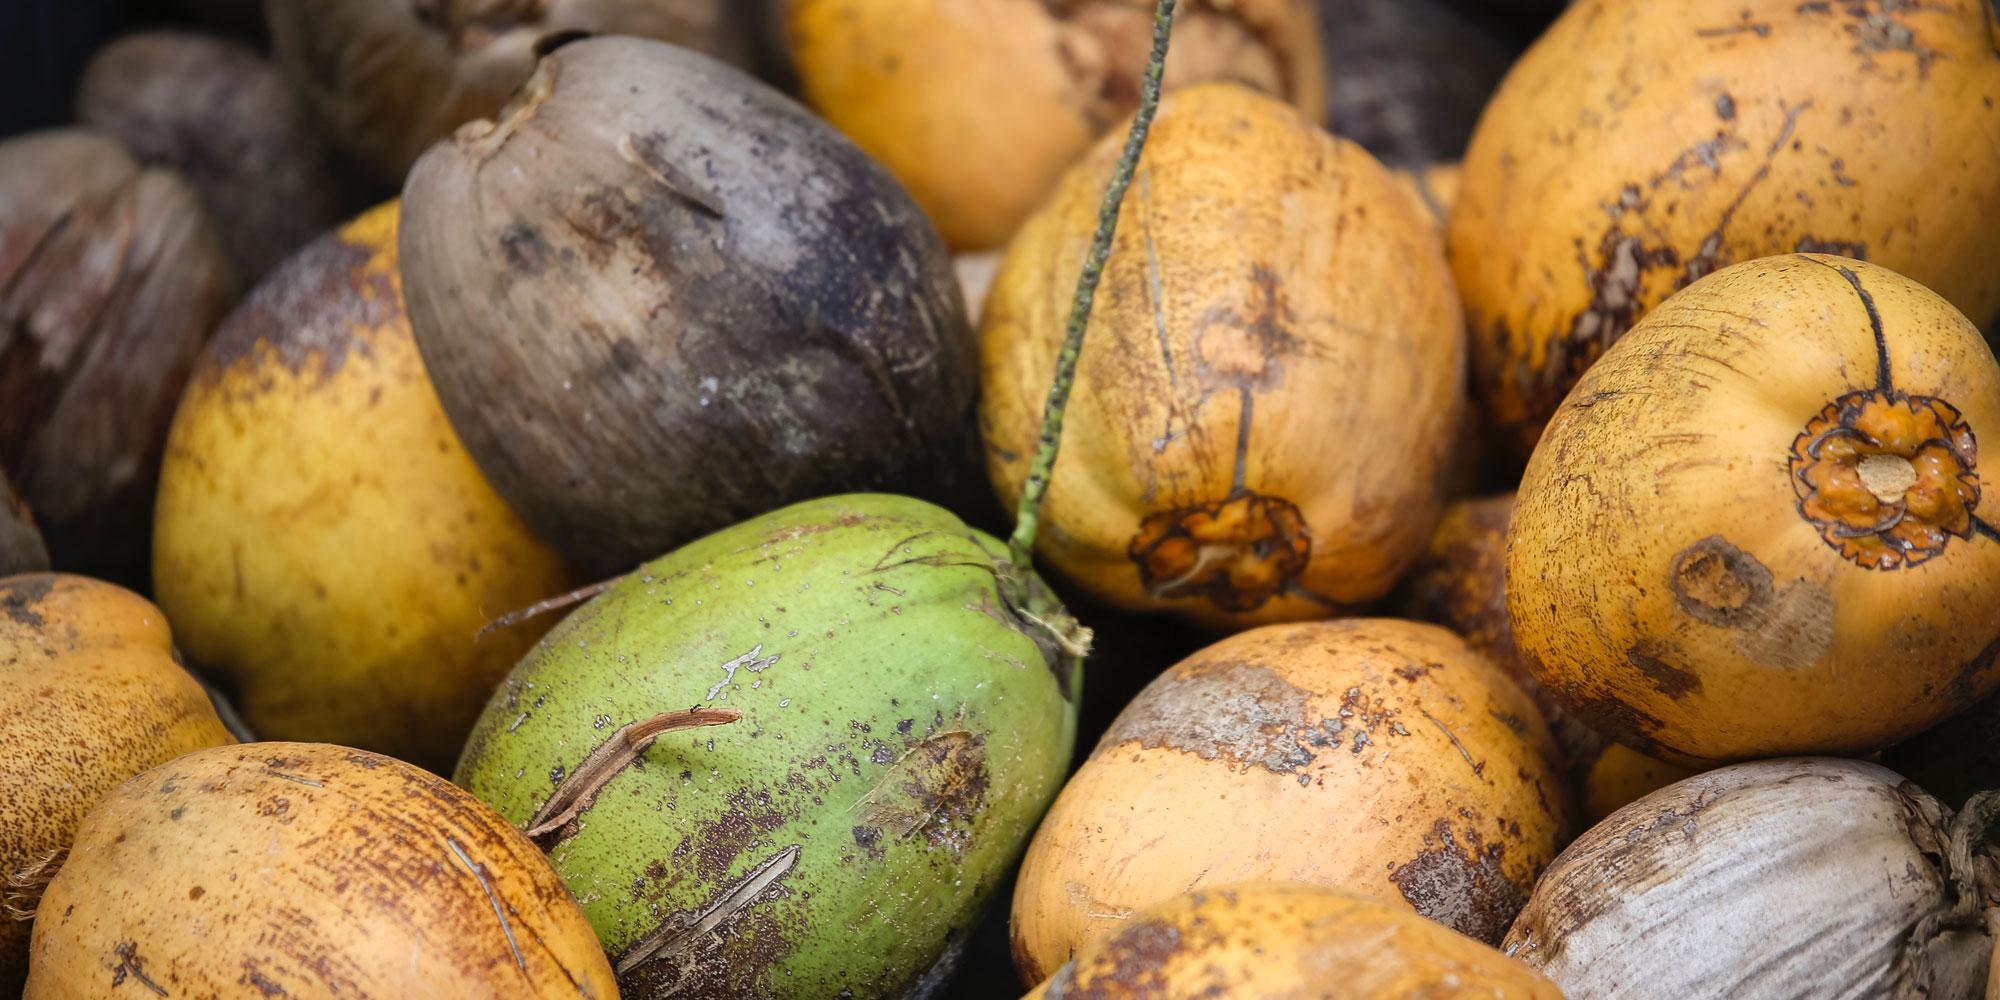 Entonces ... ¿El aceite de coco es malo para ti ahora?